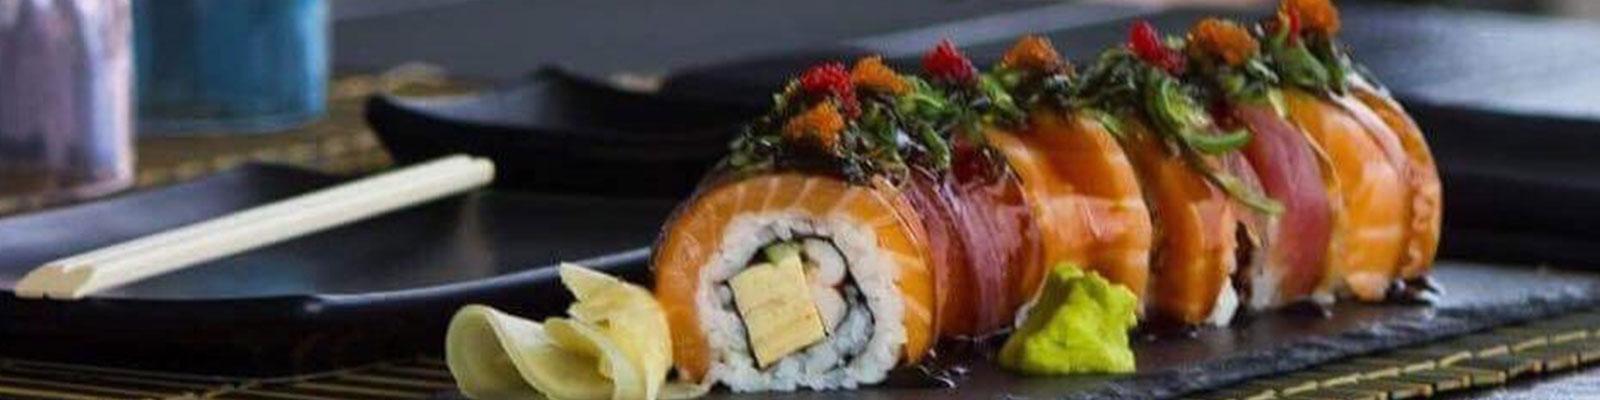 osaka-sushi-restaurant-bonaire-slider-image-3